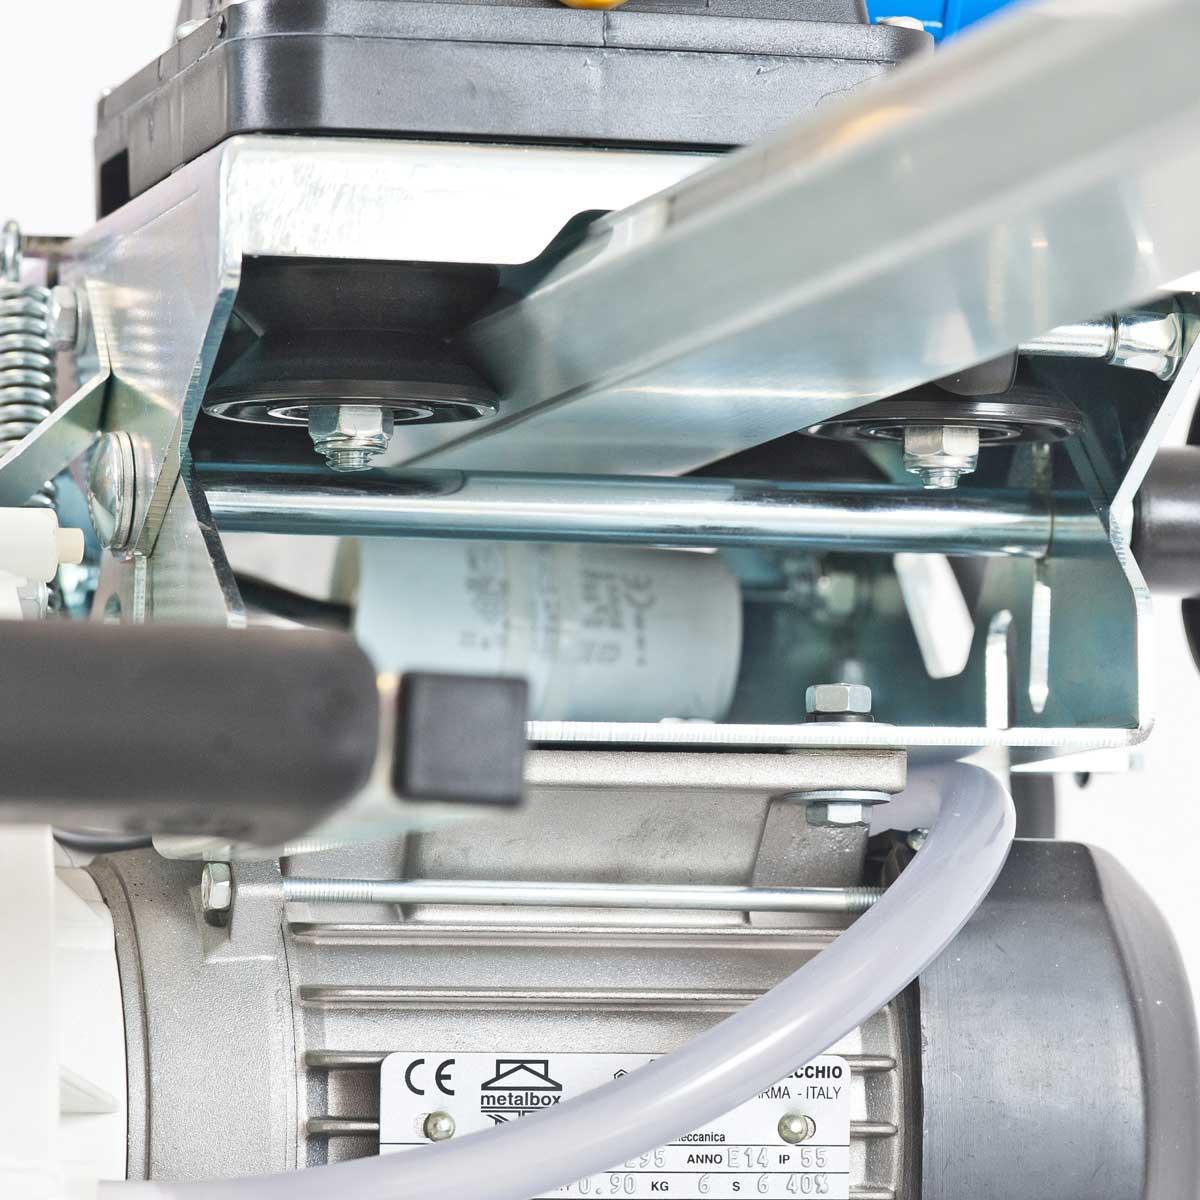 Raimondi Exploit Rail Saw Motor Conveyor